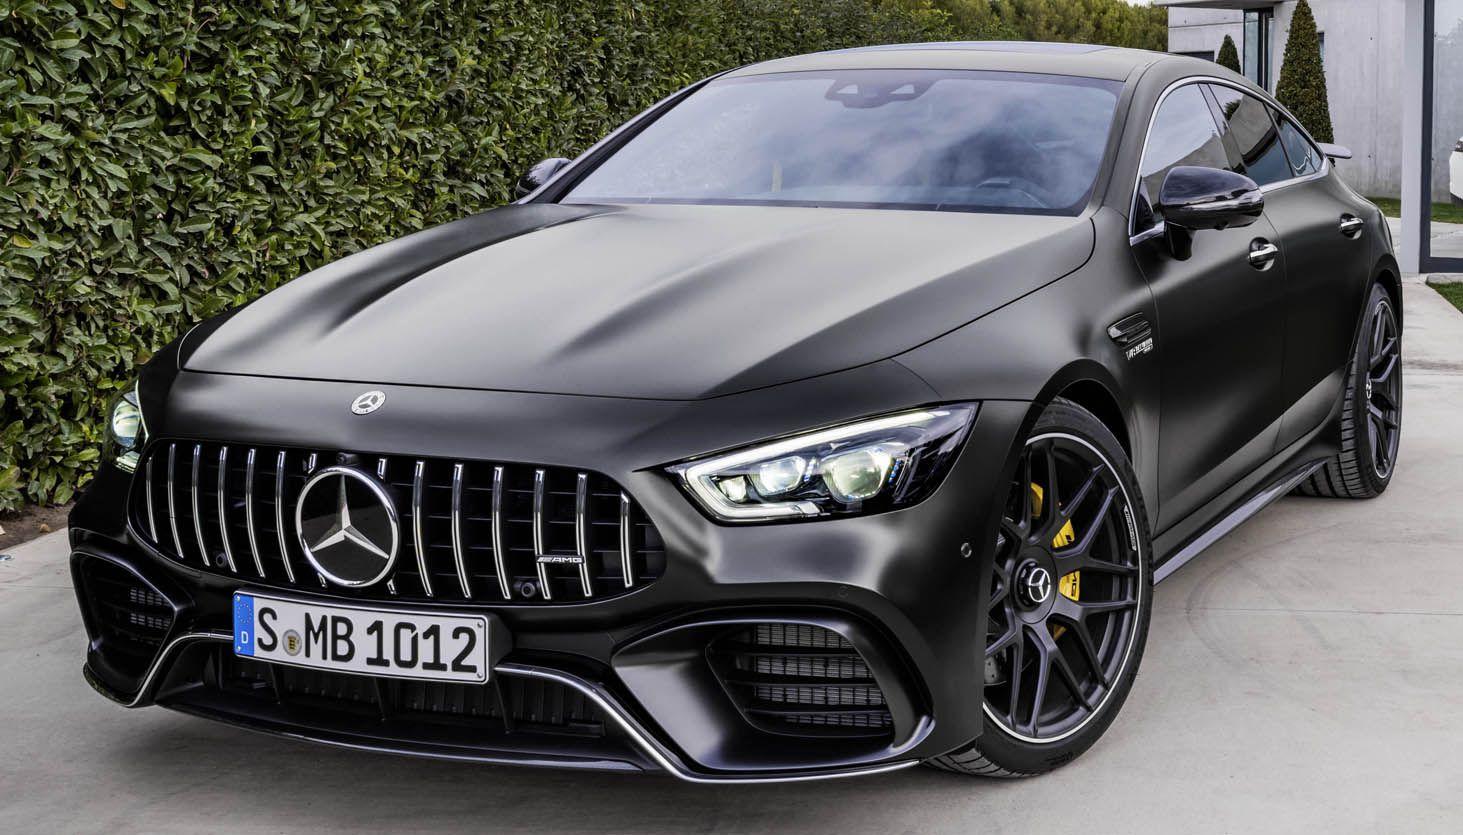 مرسيدس أي أم جي جي تي 4 دور الجديدة بالكامل الأناقة والأداء في تحفة واحدة موقع ويلز Mercedes Amg Merc Benz Mercedes Benz Amg